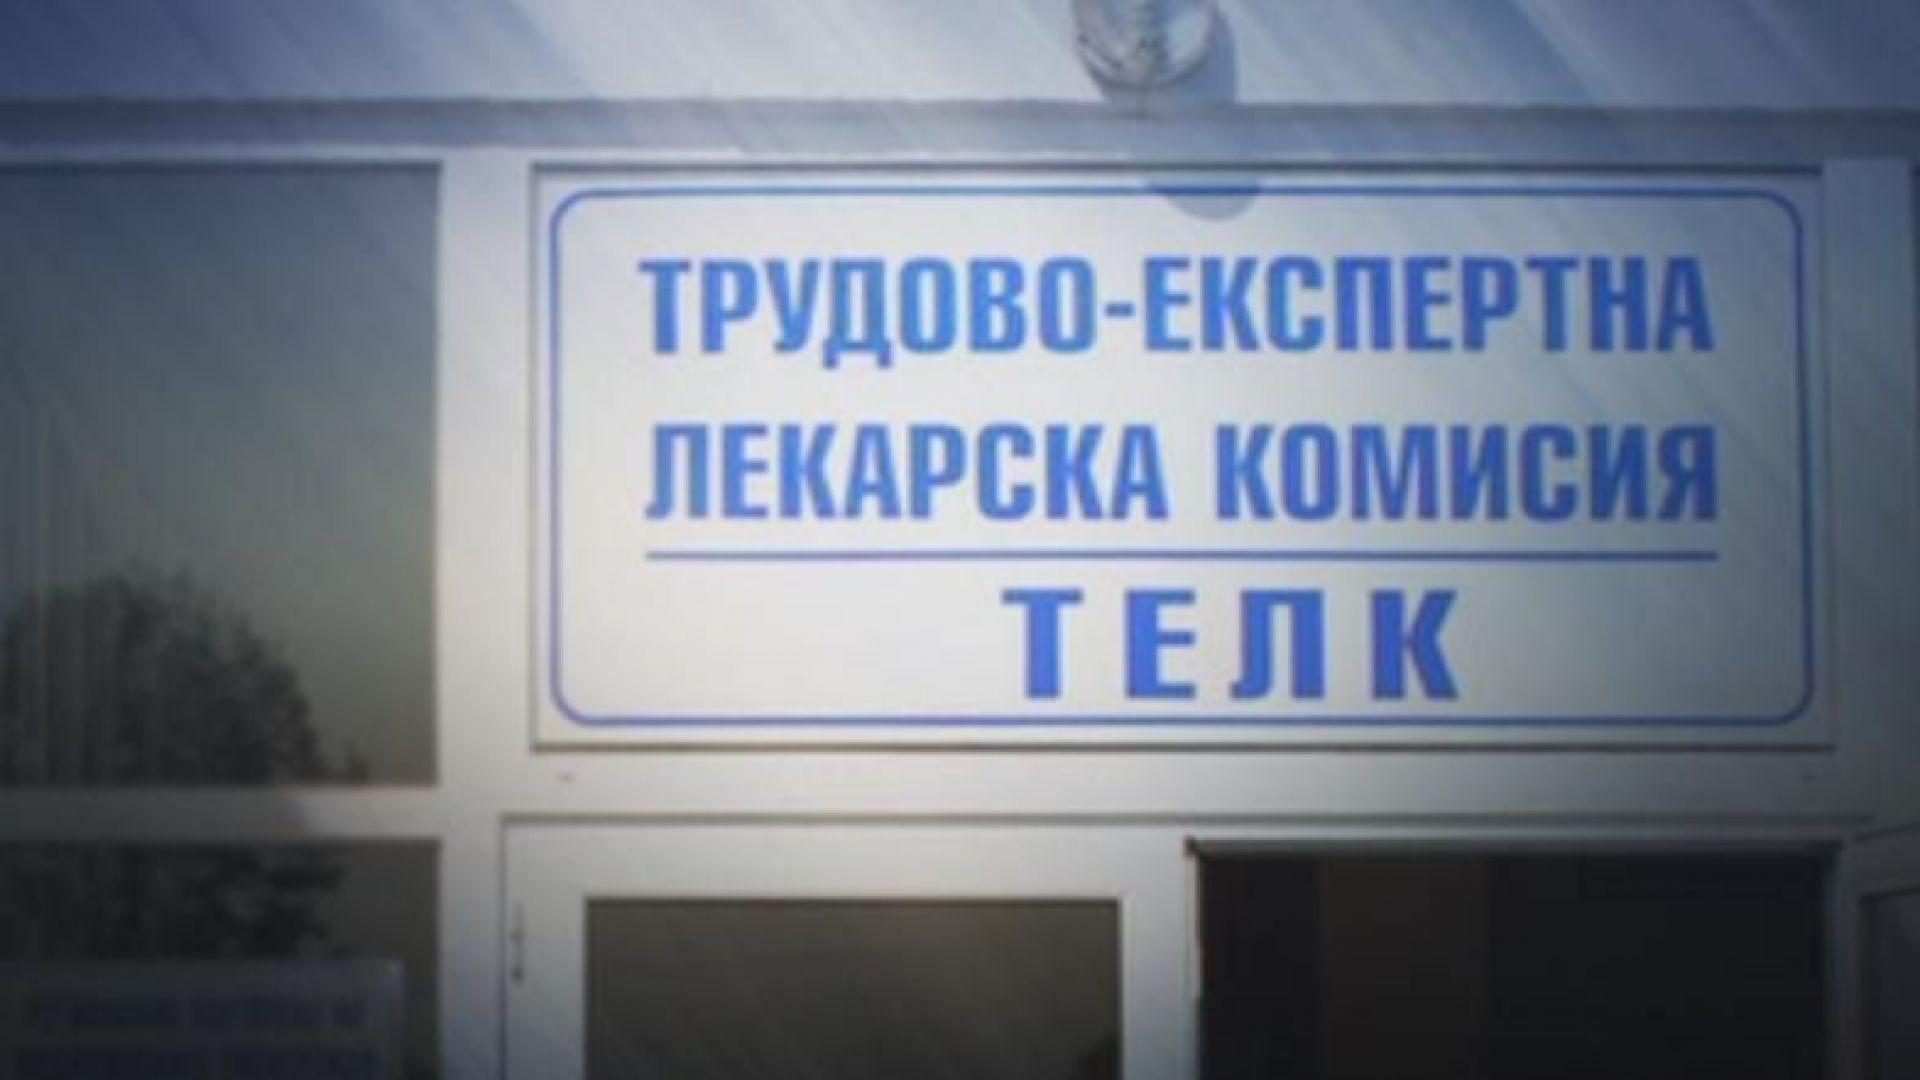 Четирима членове и секретар на ТЕЛК в Стара Загора са